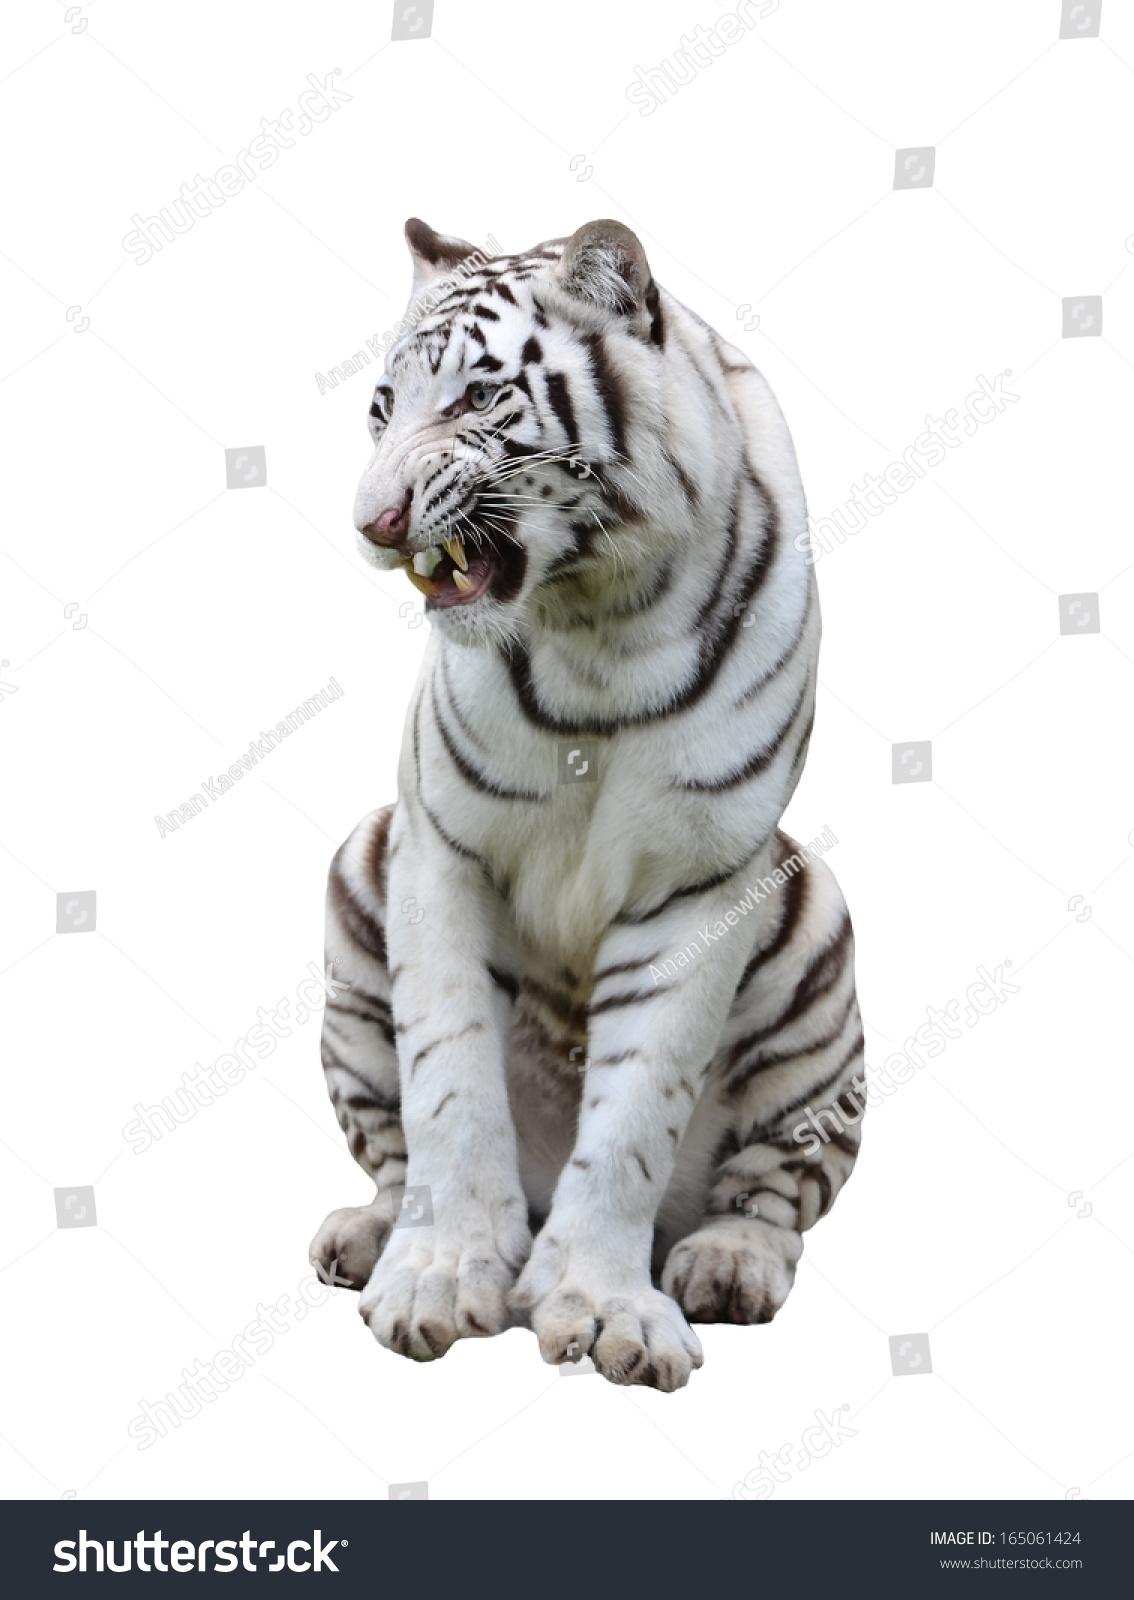 ppt图片可爱动物图片小老虎